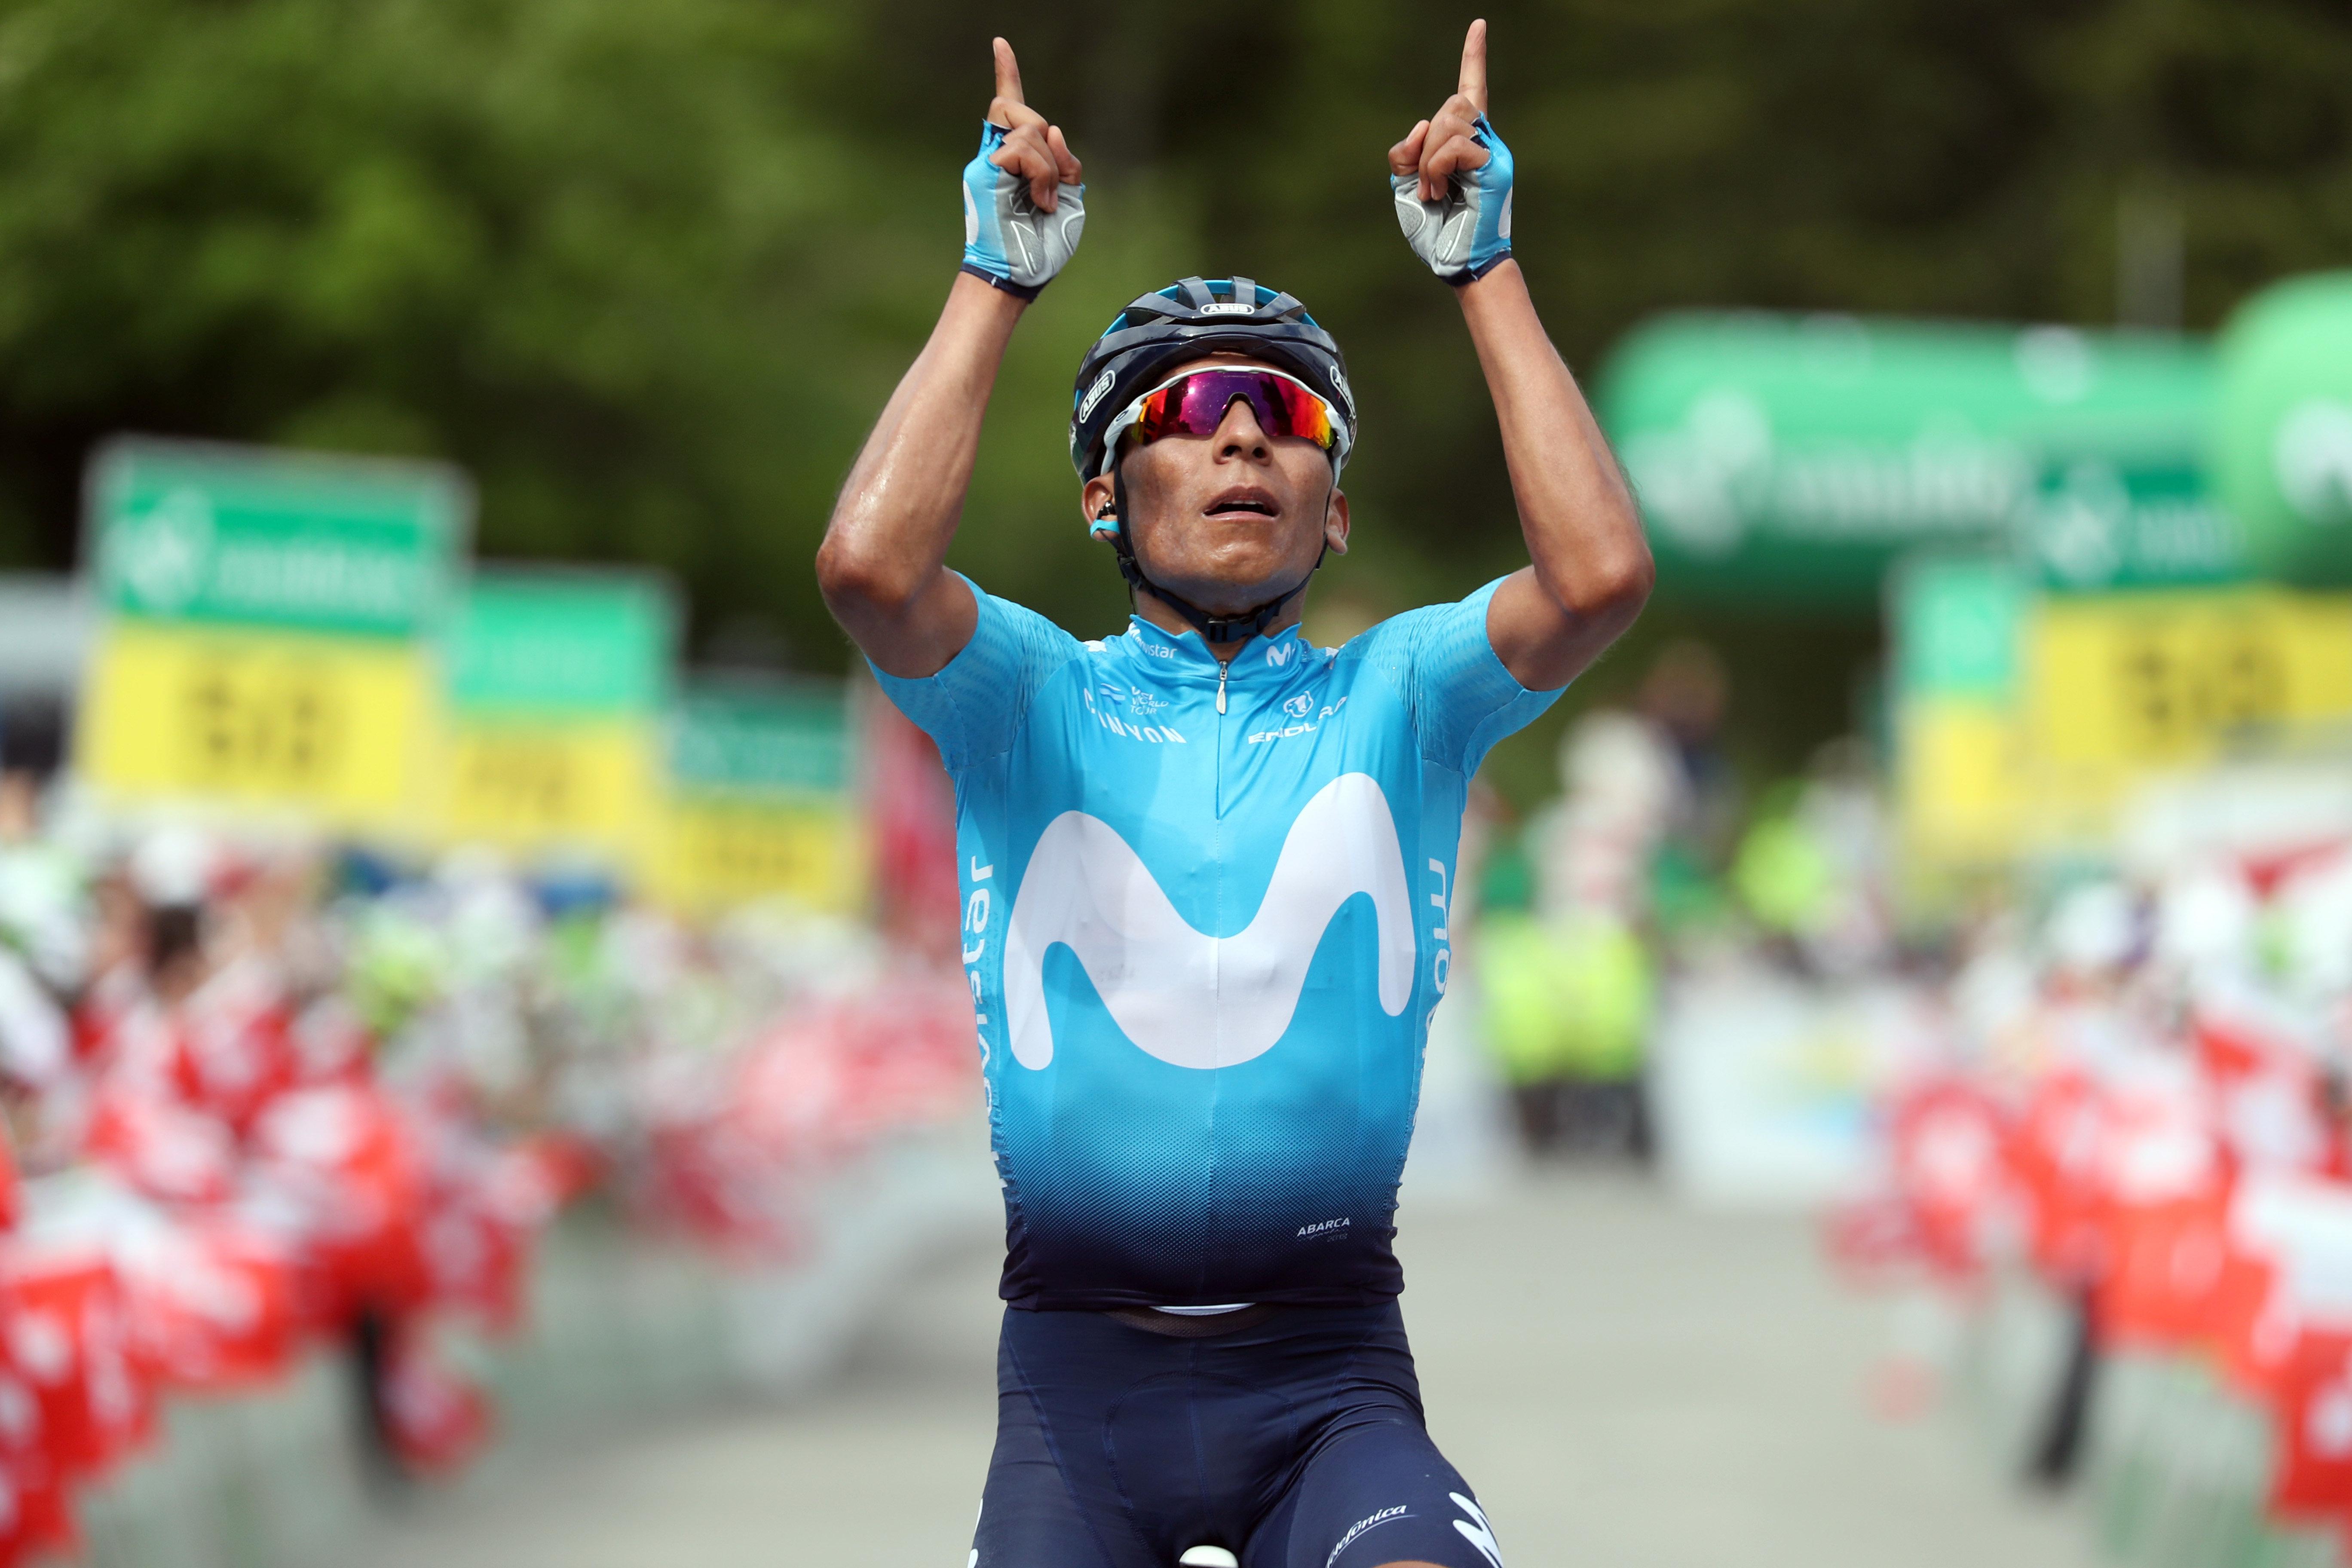 Nairo Quintana vincitore della settima tappa del Tour de Suisse